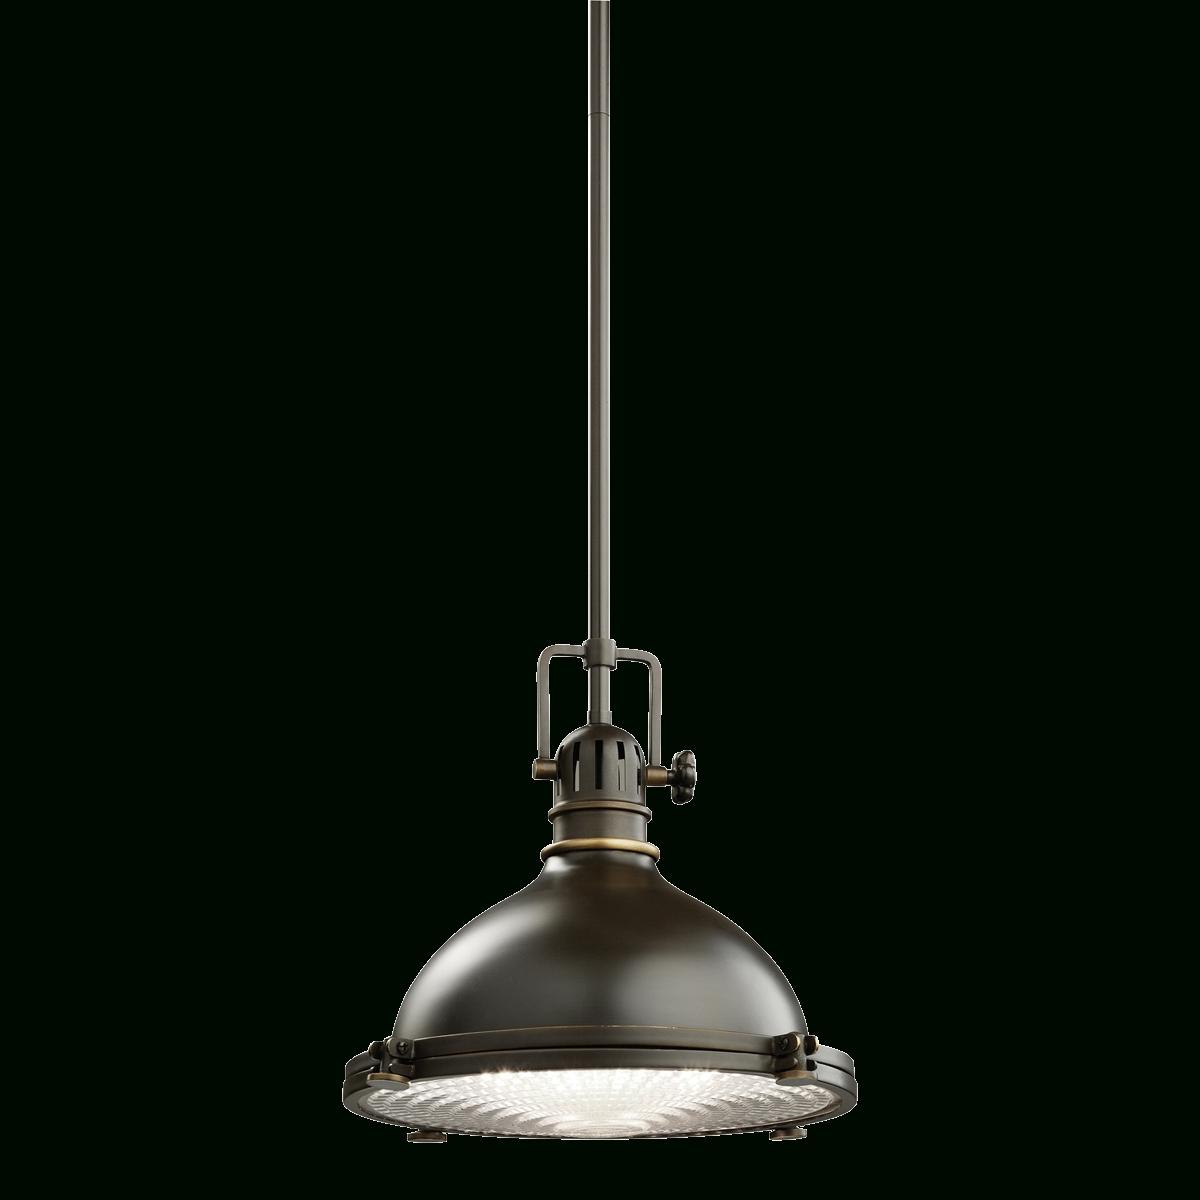 Kichler 1 Light Industrial Pendant (2665Pn)| Polished Nickel Lighting throughout Industrial Pendant Lights (Image 9 of 15)